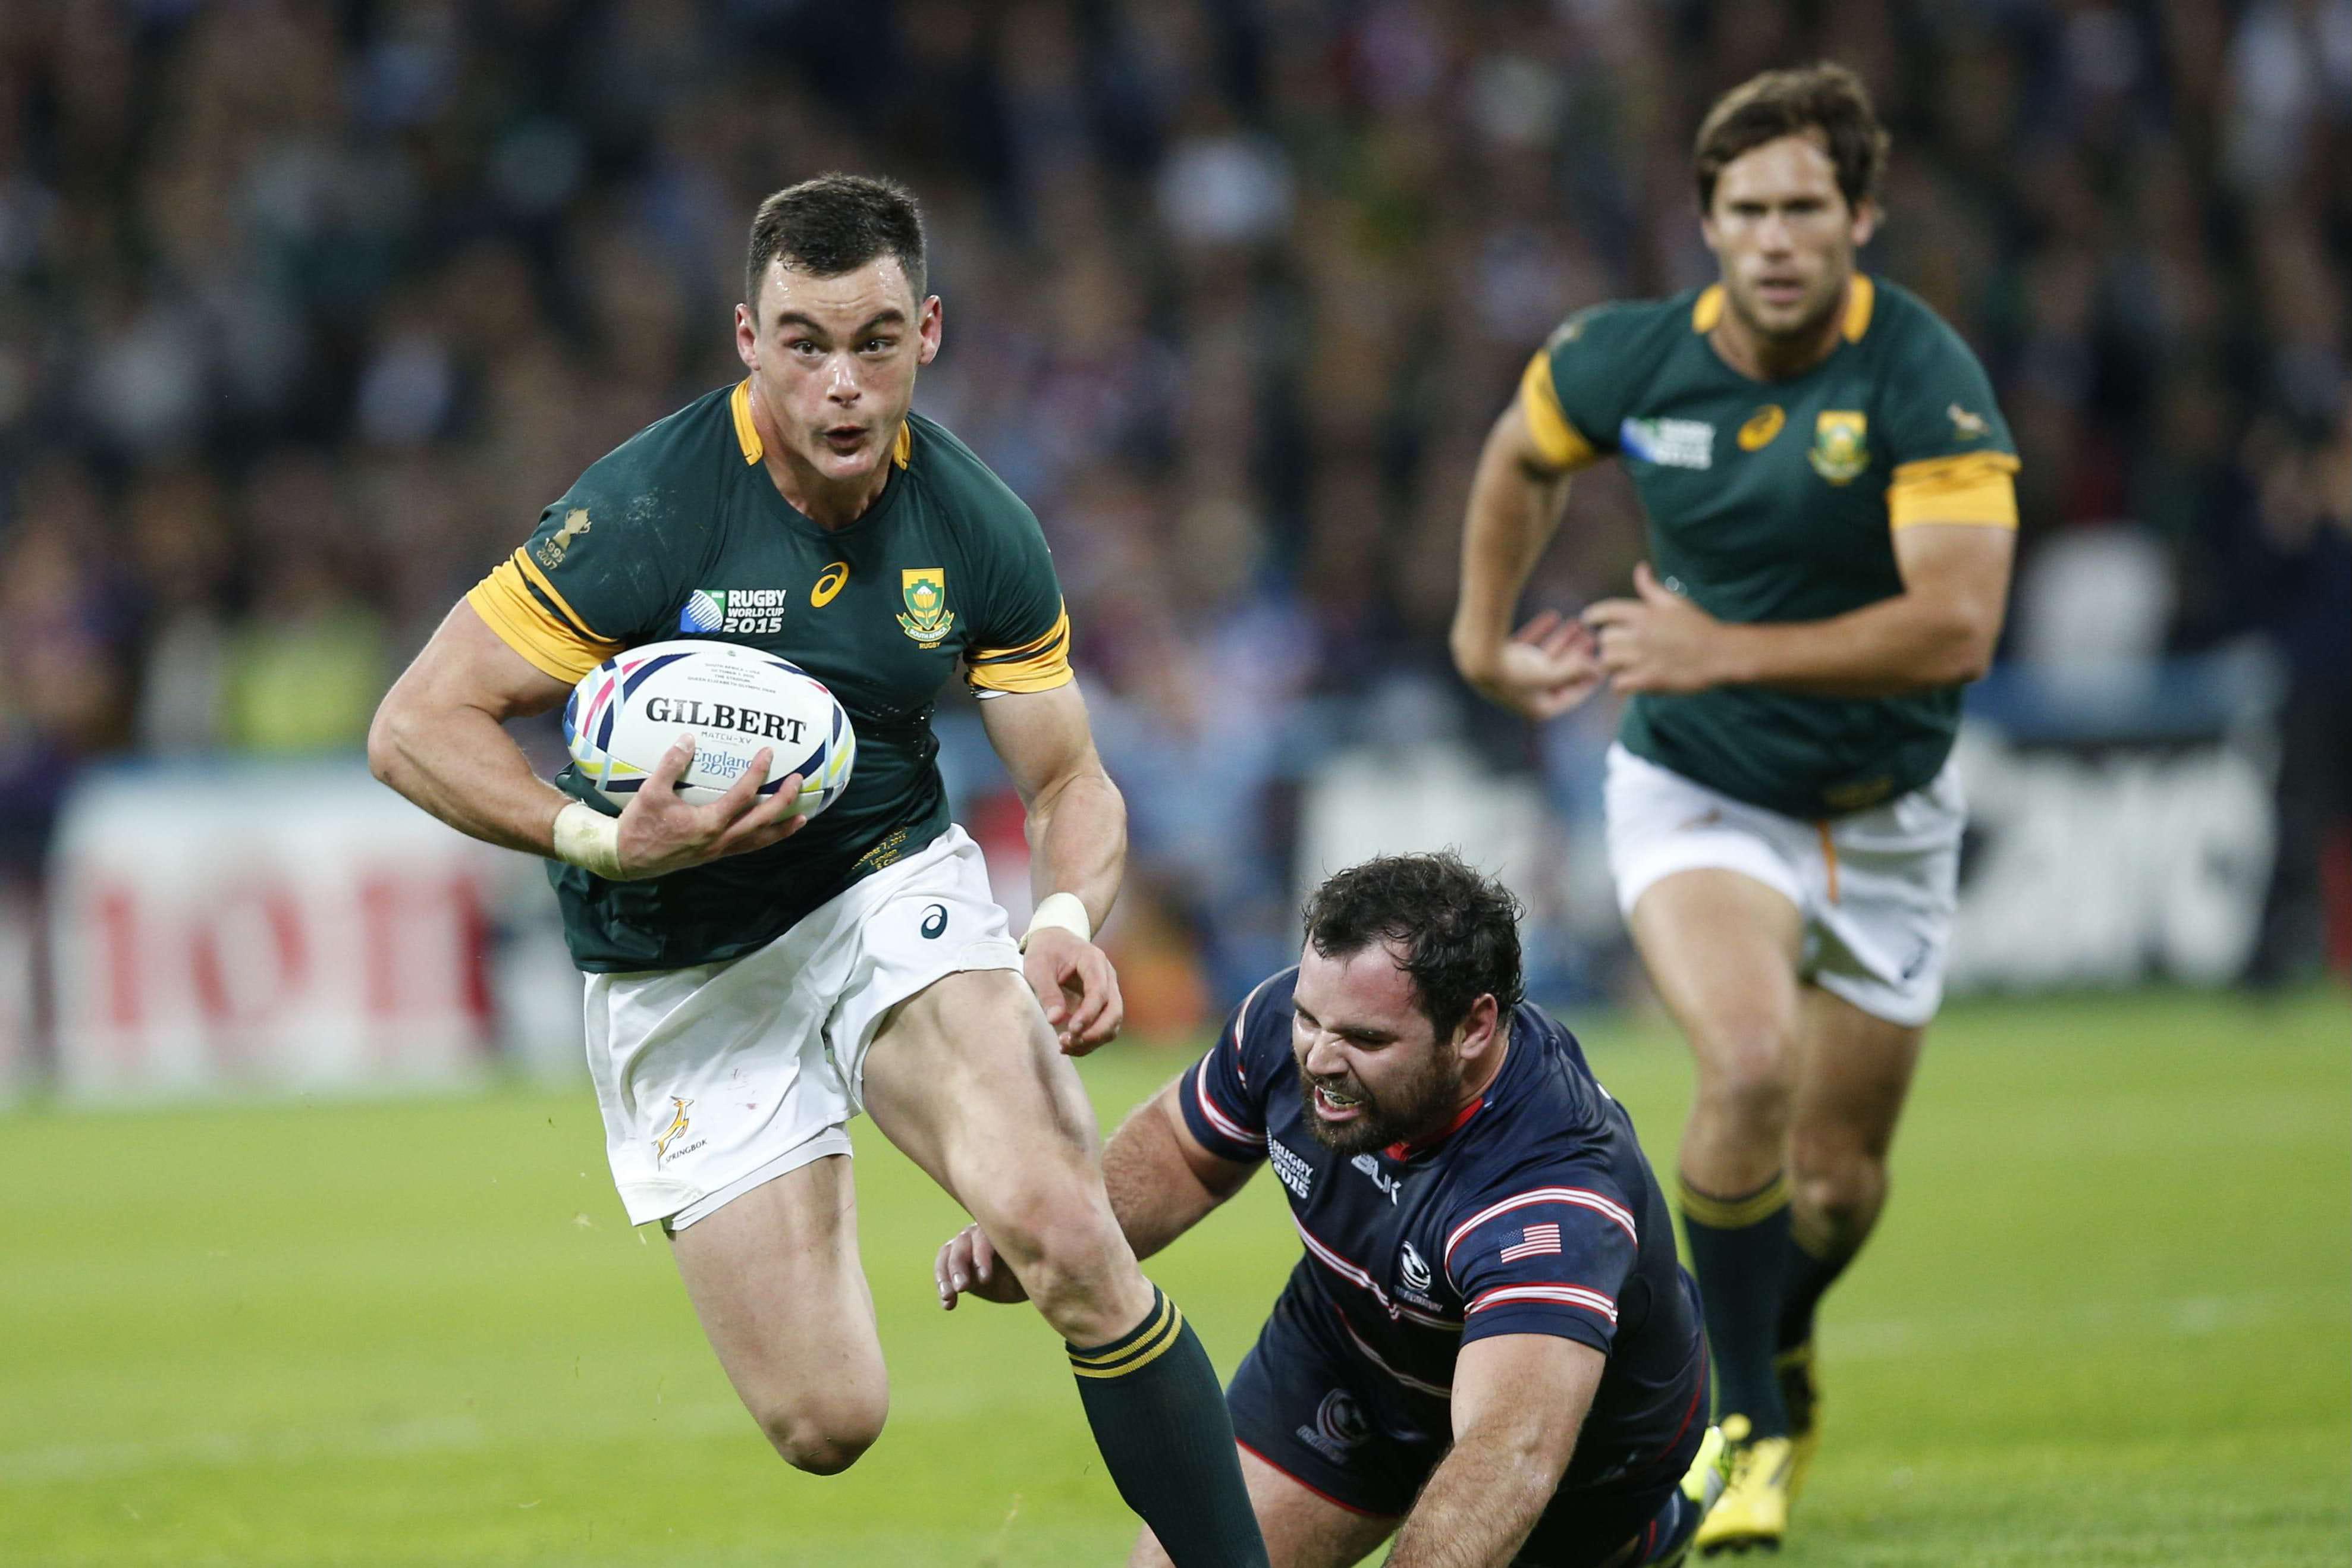 Coupe du monde de rugby 2015 classement r sultats et - Calendrier de la coupe du monde de rugby 2015 ...